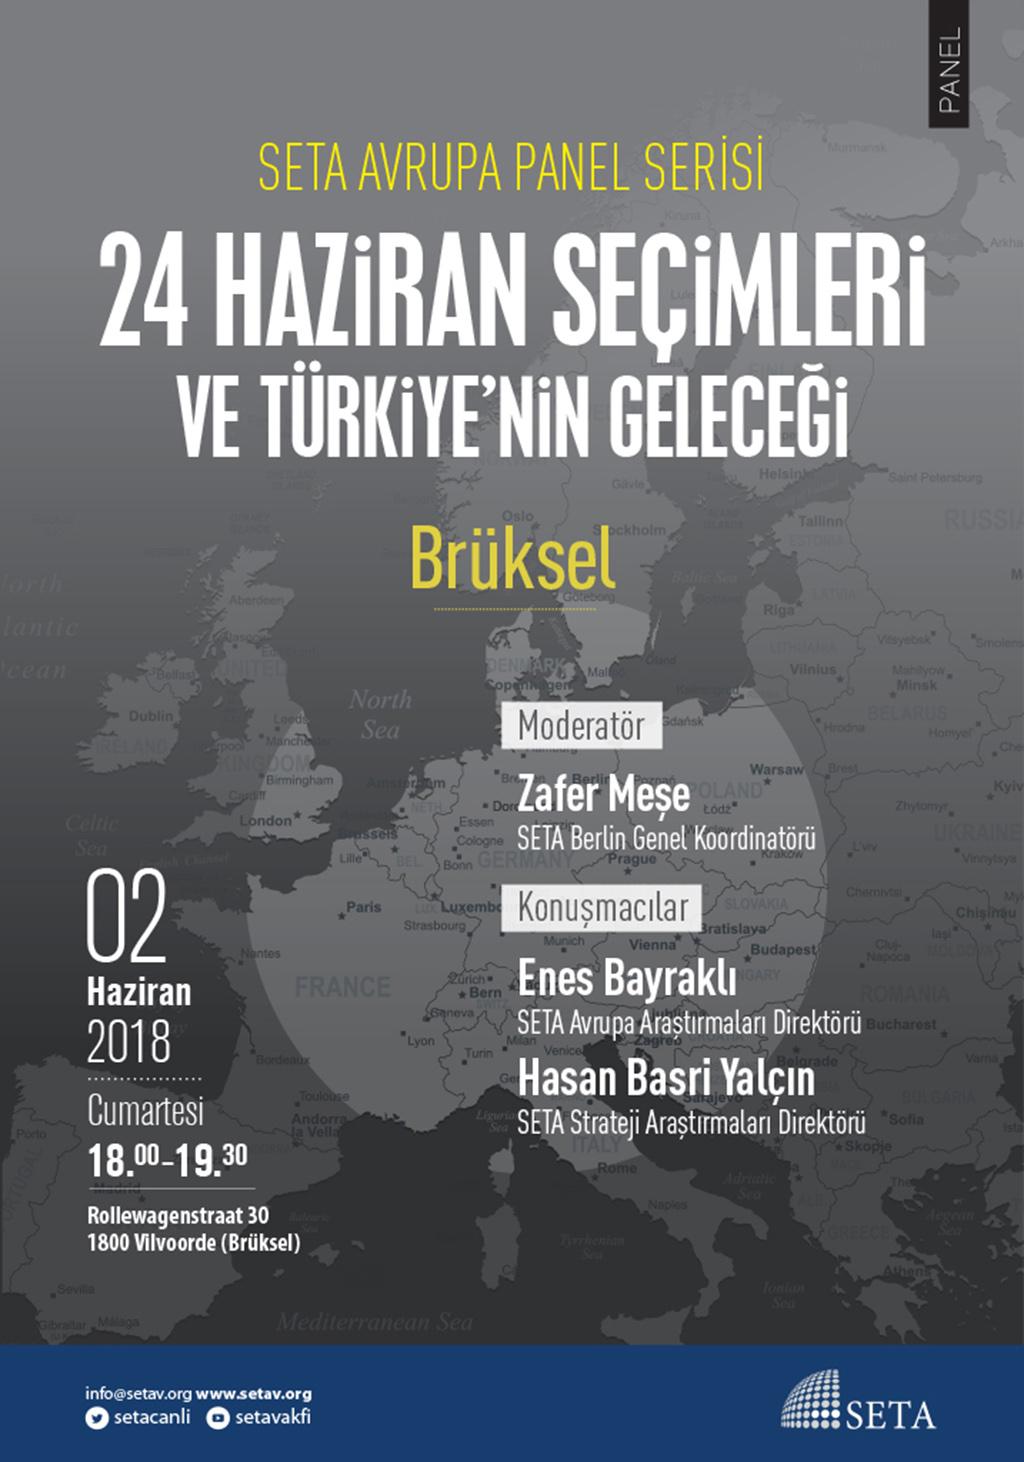 Panel: Brüksel | 24 Haziran Seçimleri ve Türkiye'nin Geleceği